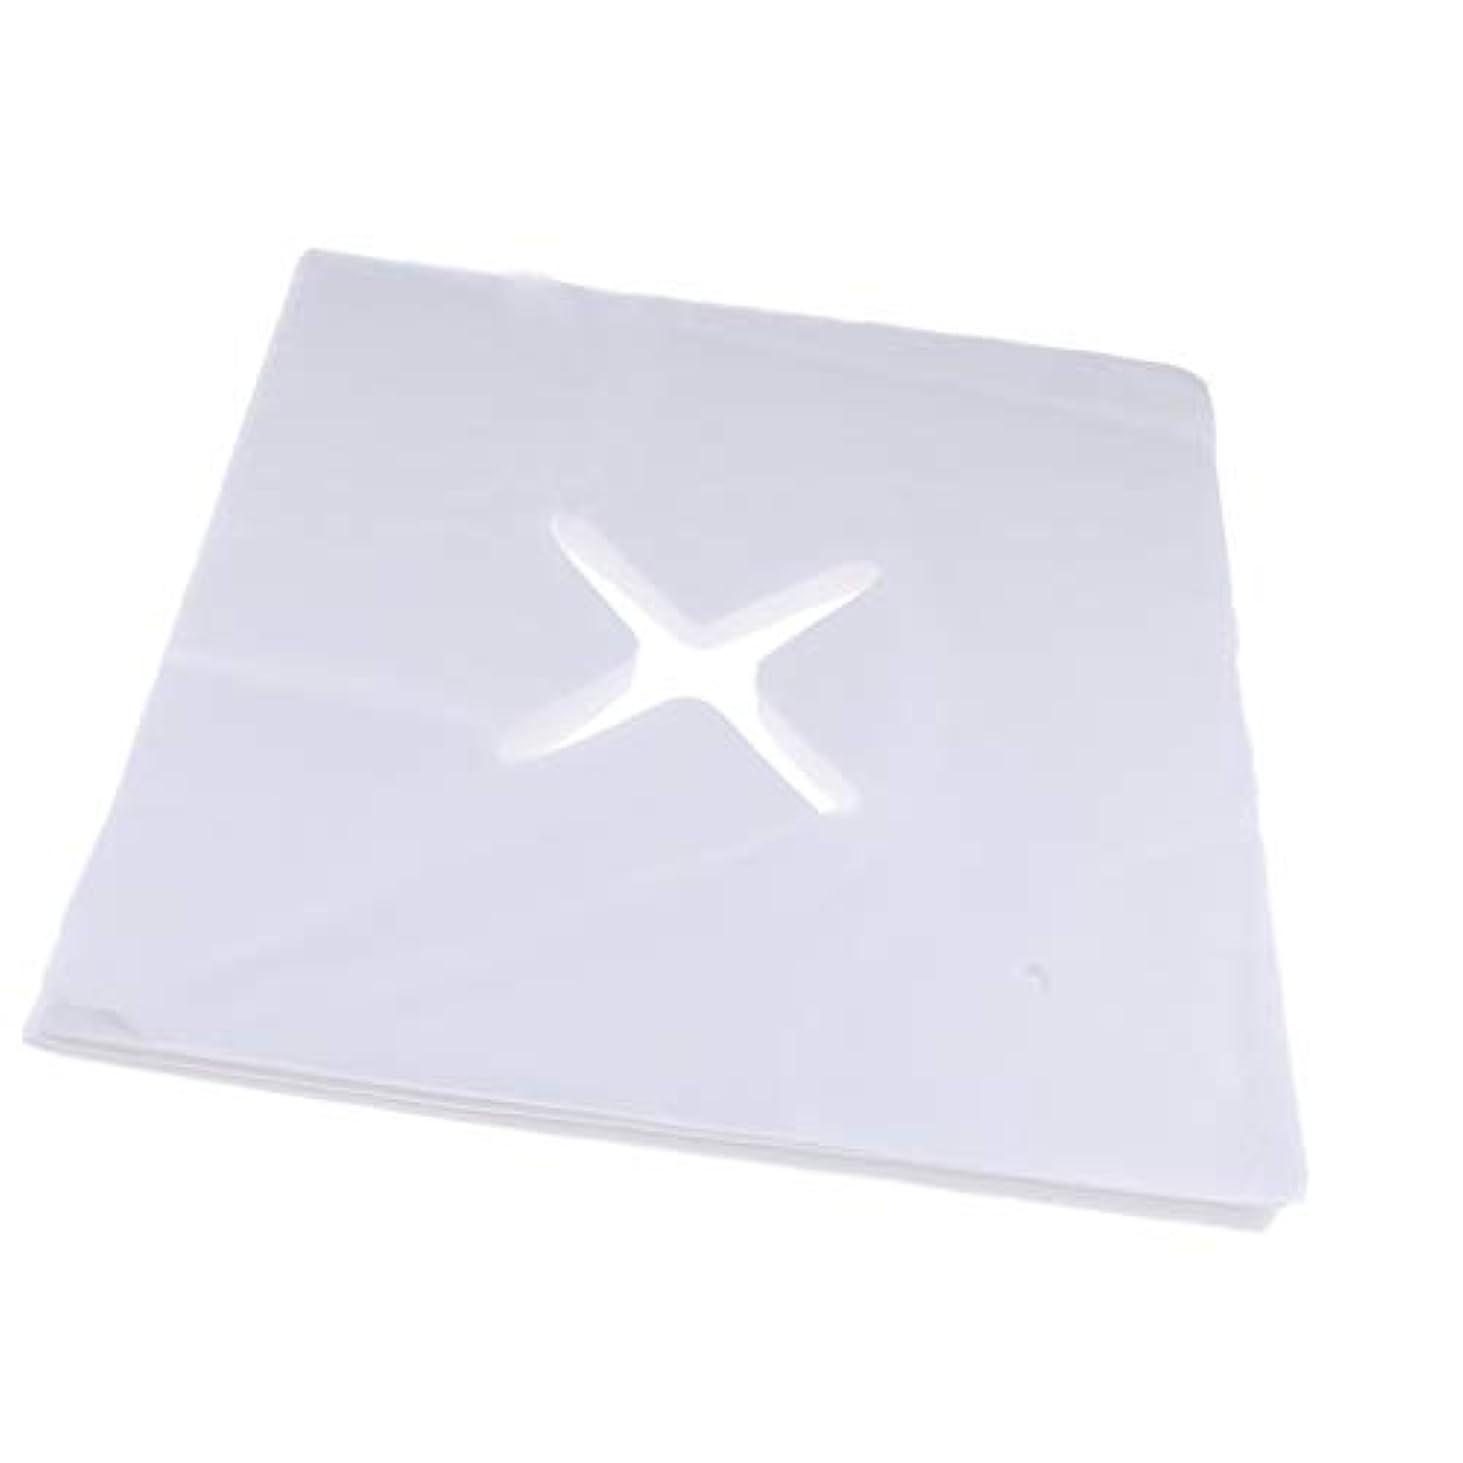 かなりのアクセスパフFLAMEER 約200枚 十字カット 使い捨て ピローシート フェイスカバー 枕カバー クッション S/M - L